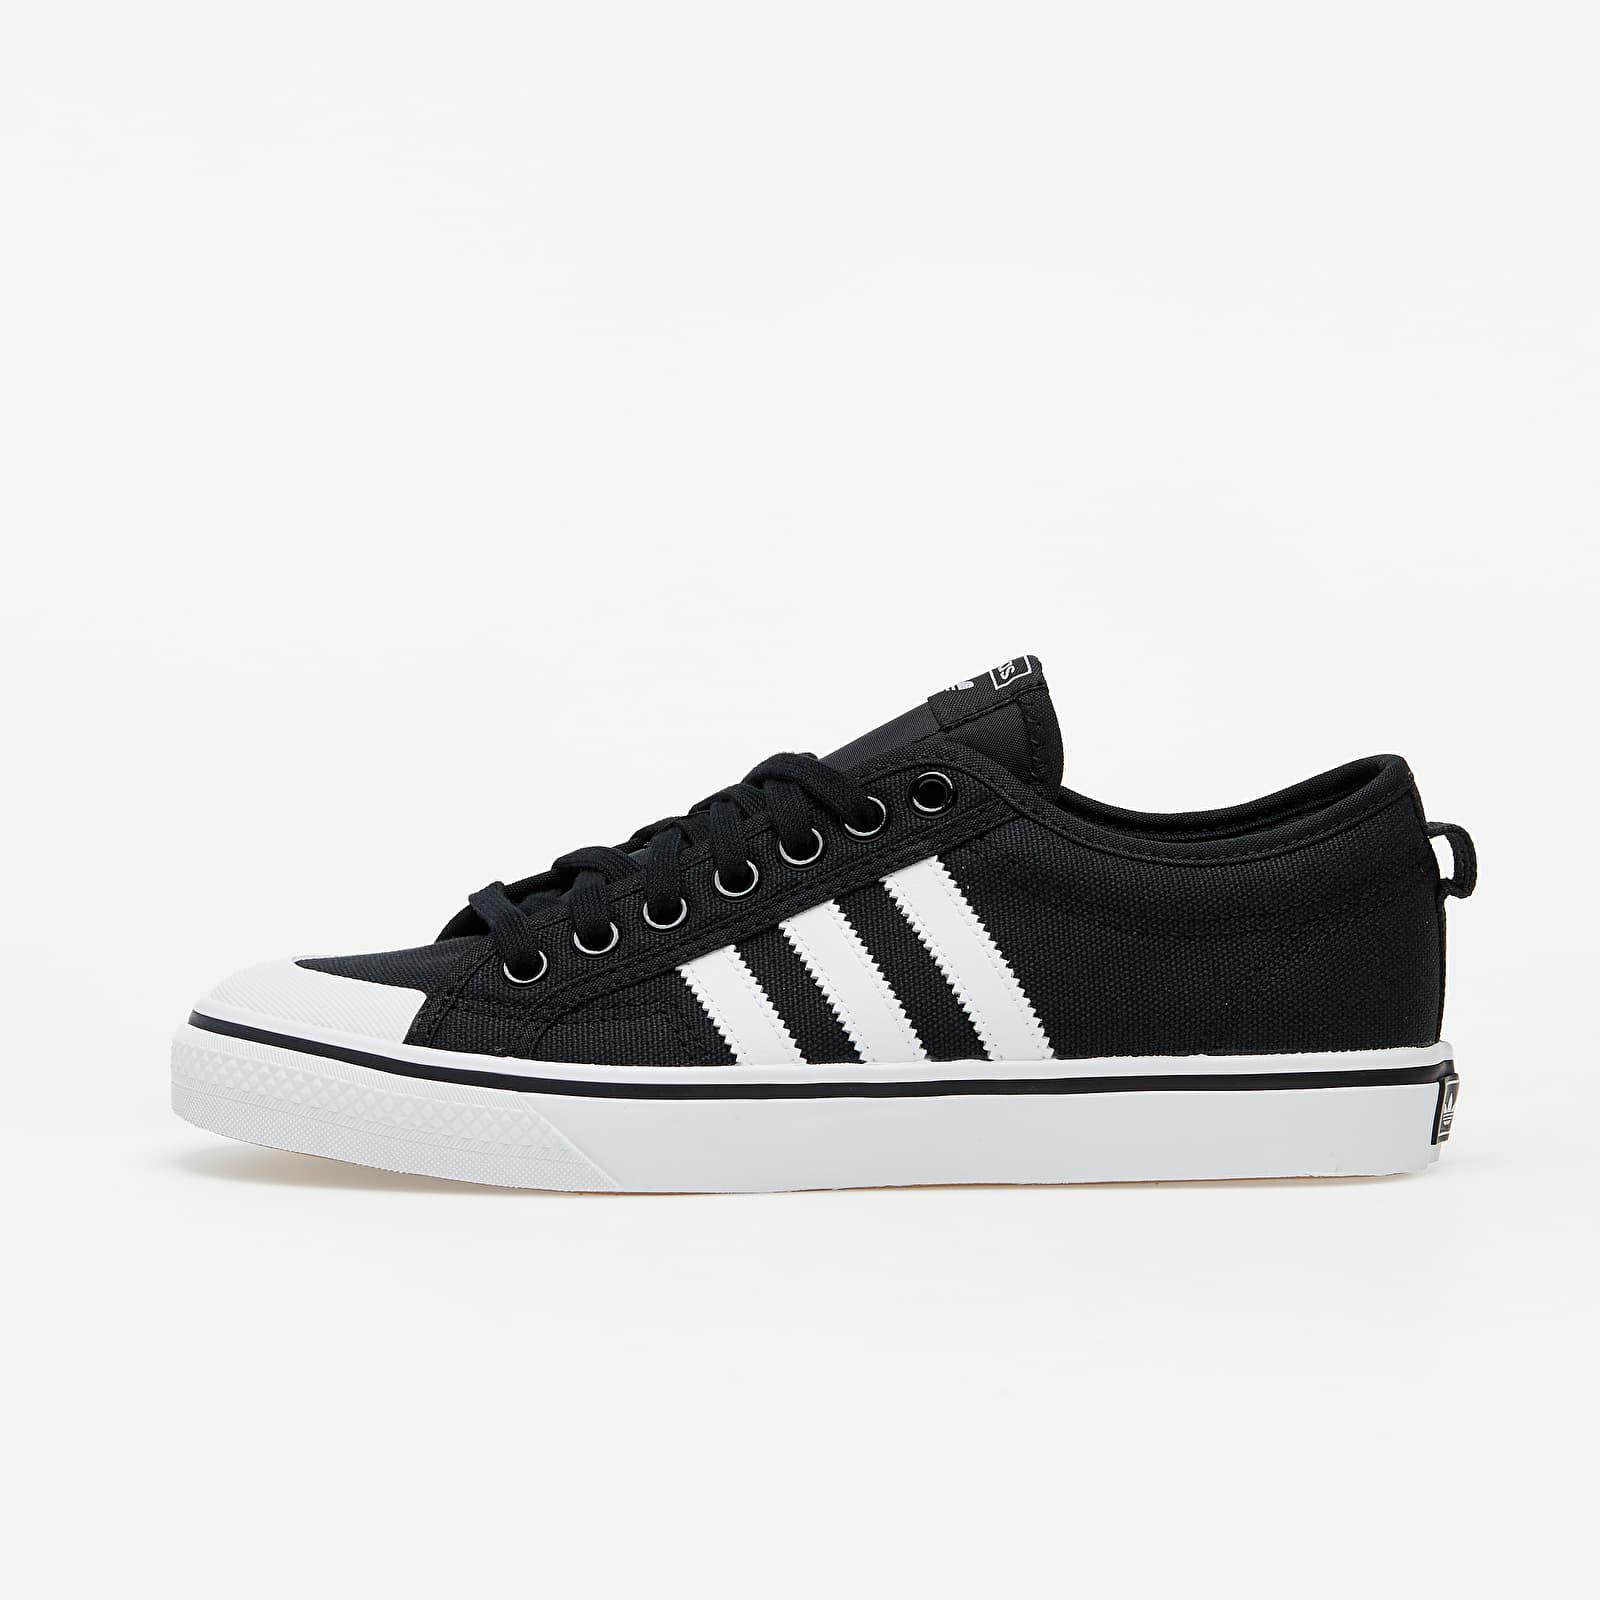 adidas Nizza Core Black/ Ftw White/ Ftw White EUR 41 1/3